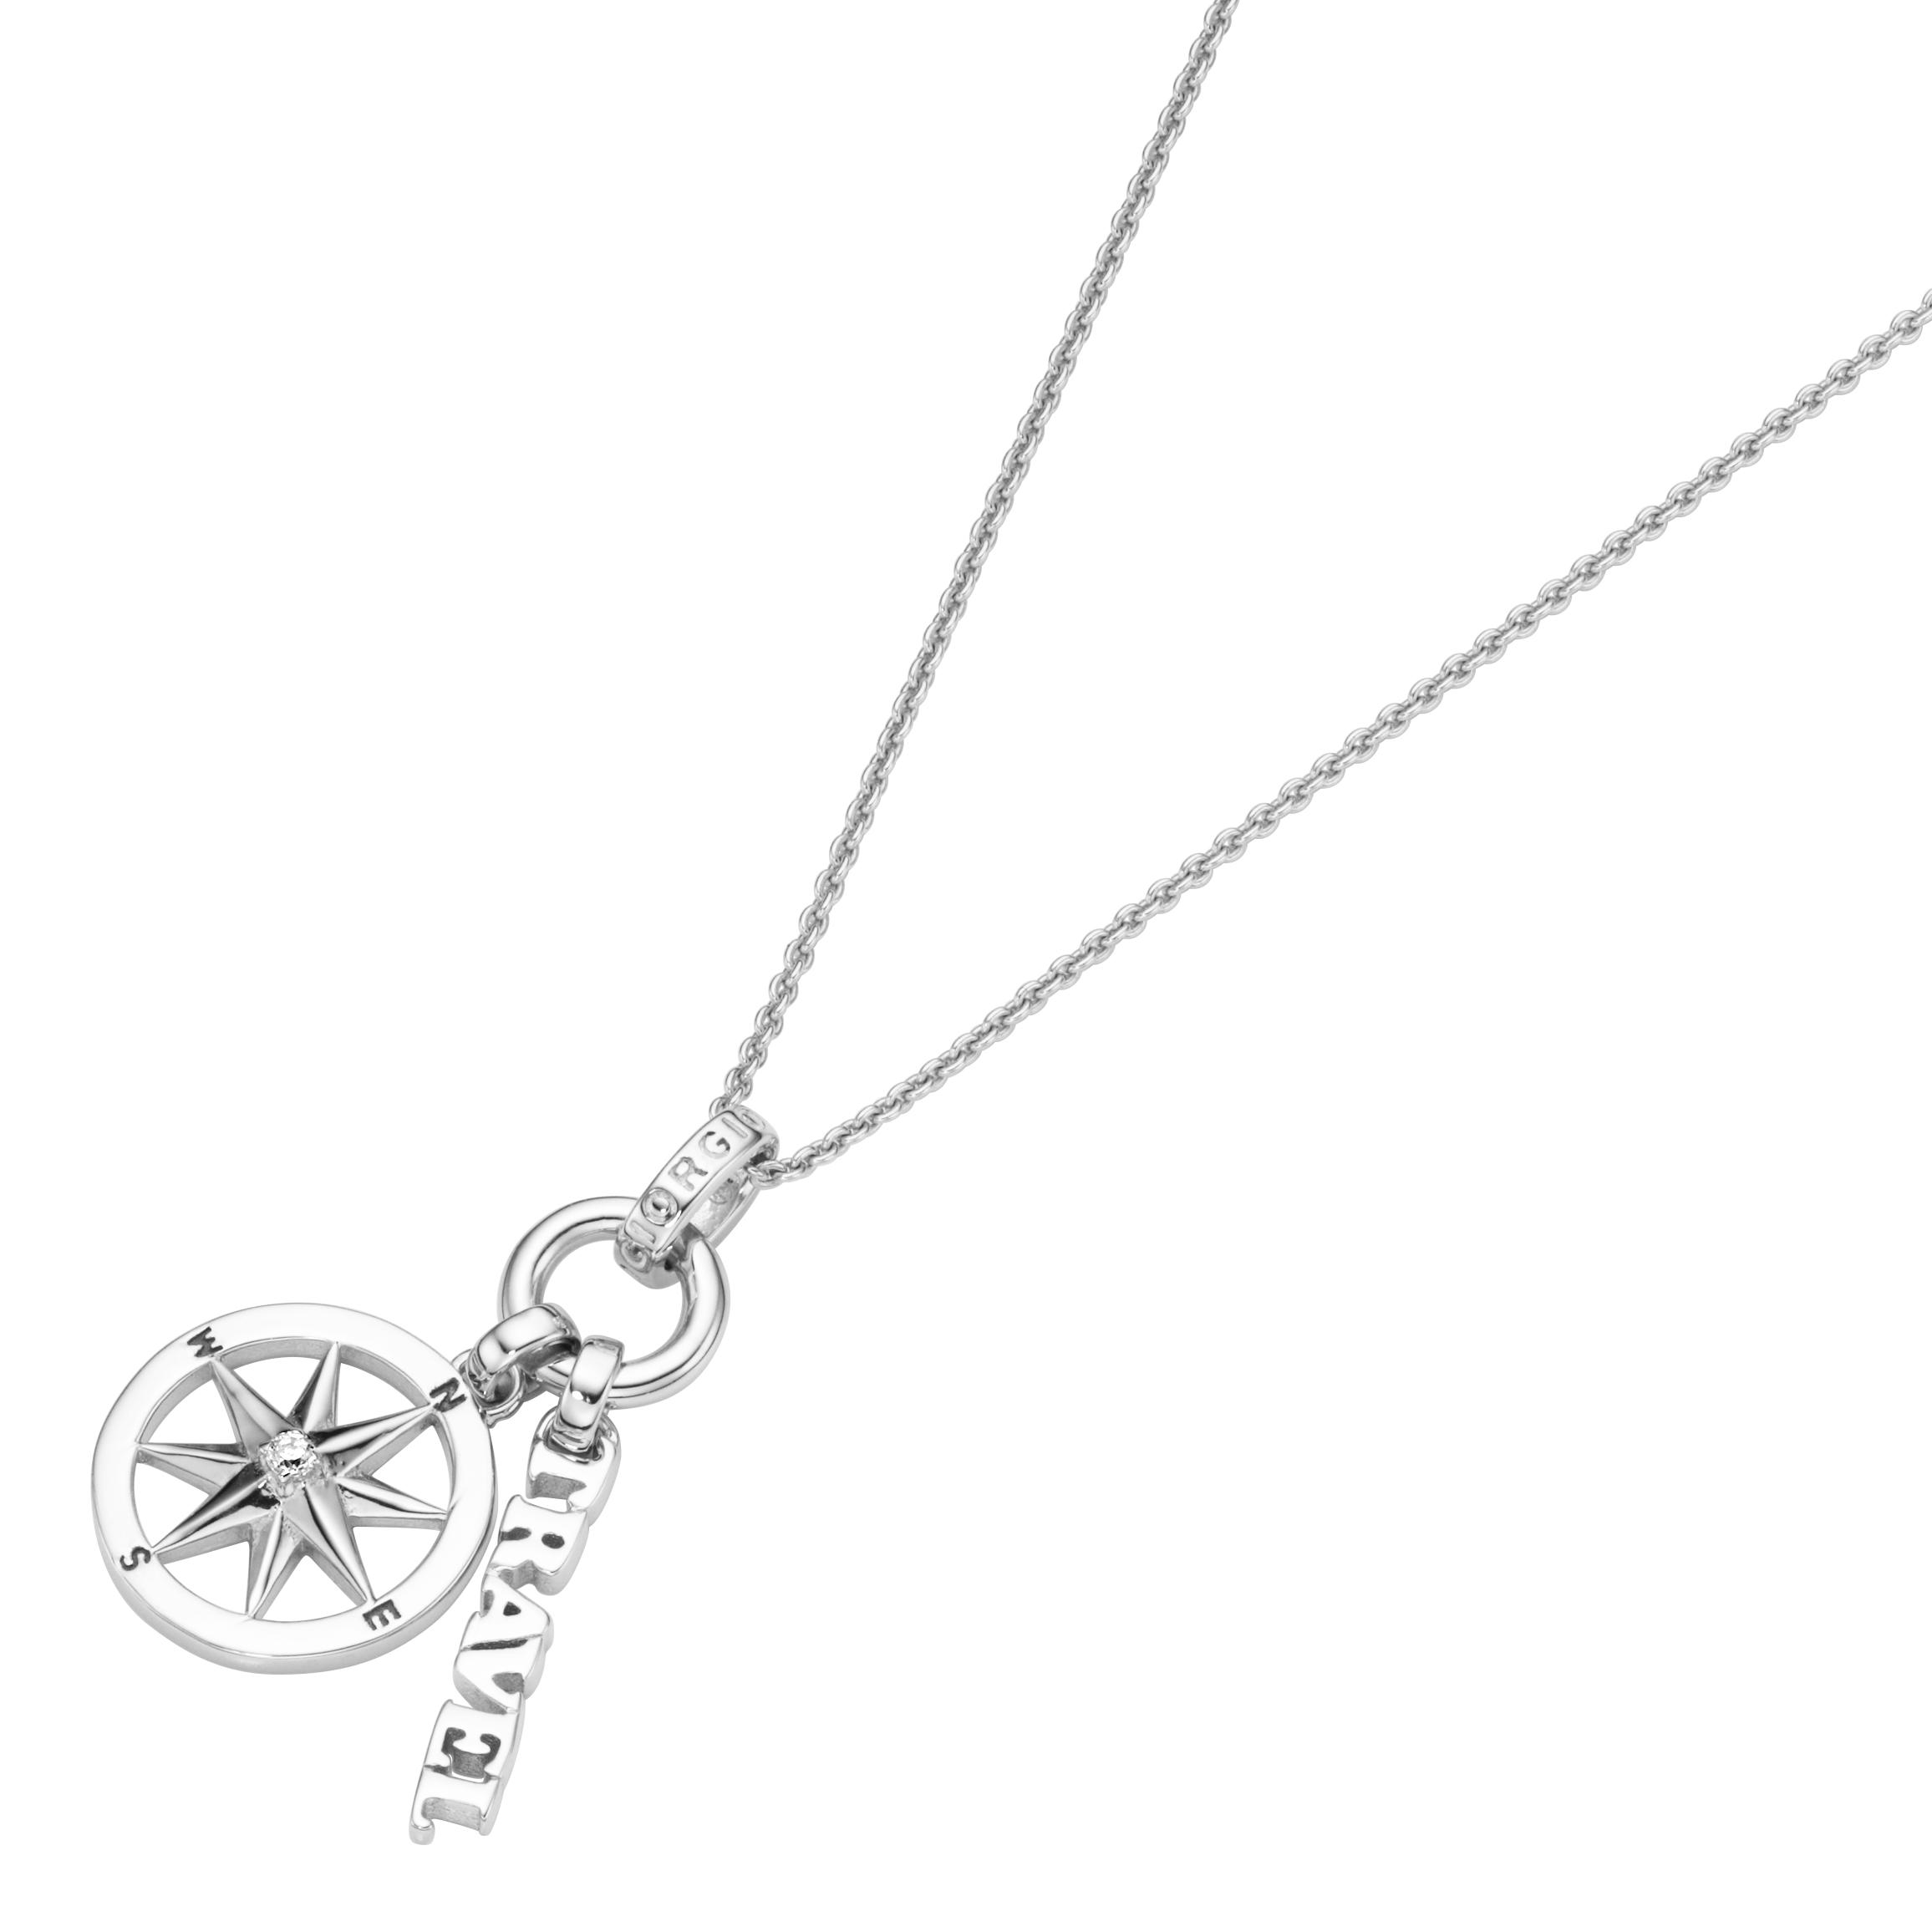 Anhänger Kompass mit Zirkonia + Travel Schriftzug, Silber 925